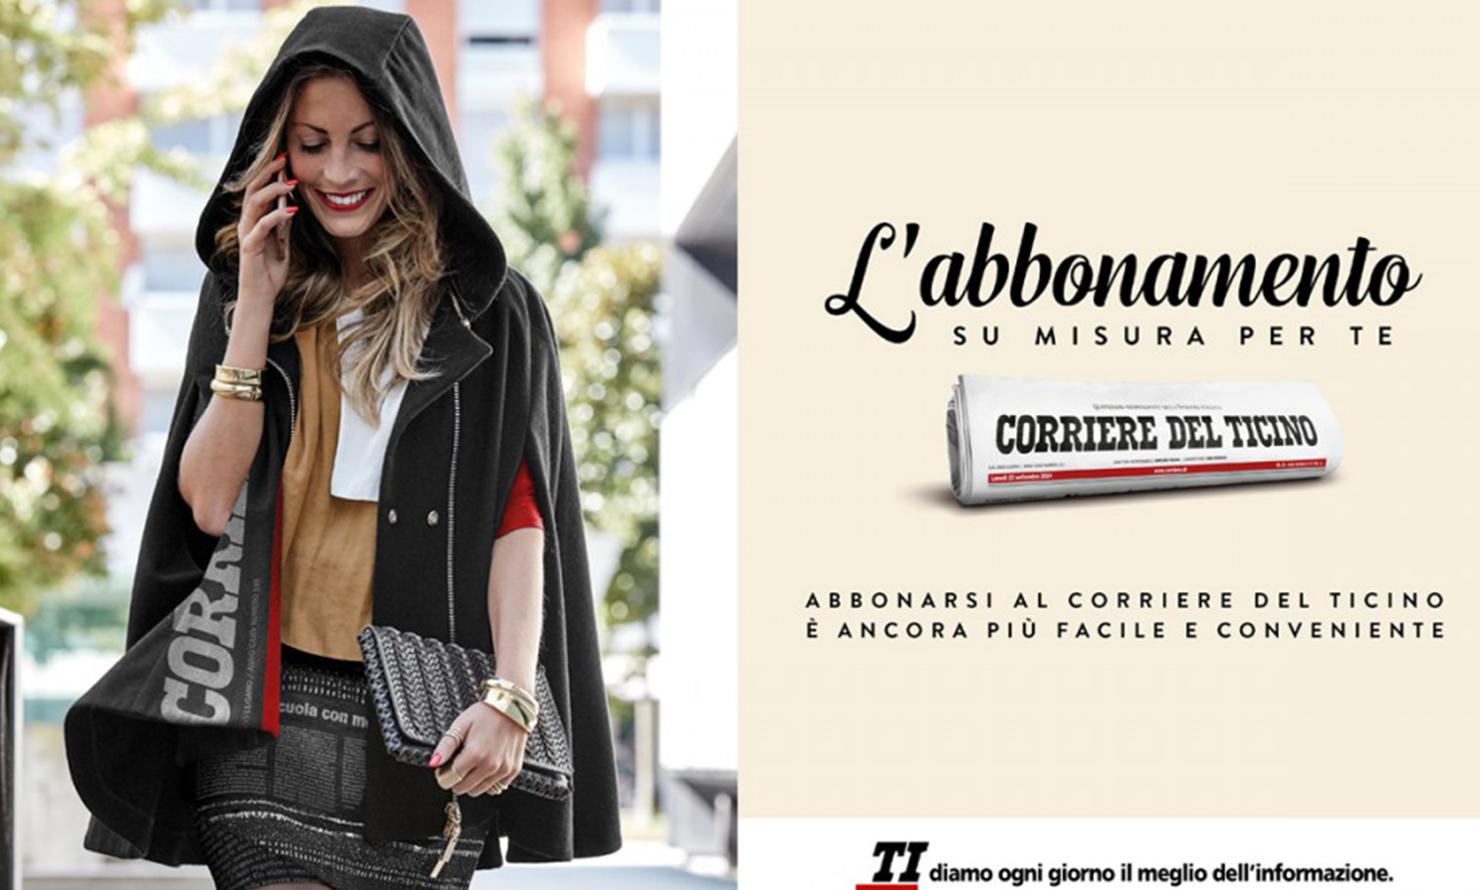 https://kubelibre.com/uploads/Slider-work-tutti-clienti/corriere-del-ticino-l-abbonamento-su-misura-per-te-5.jpg